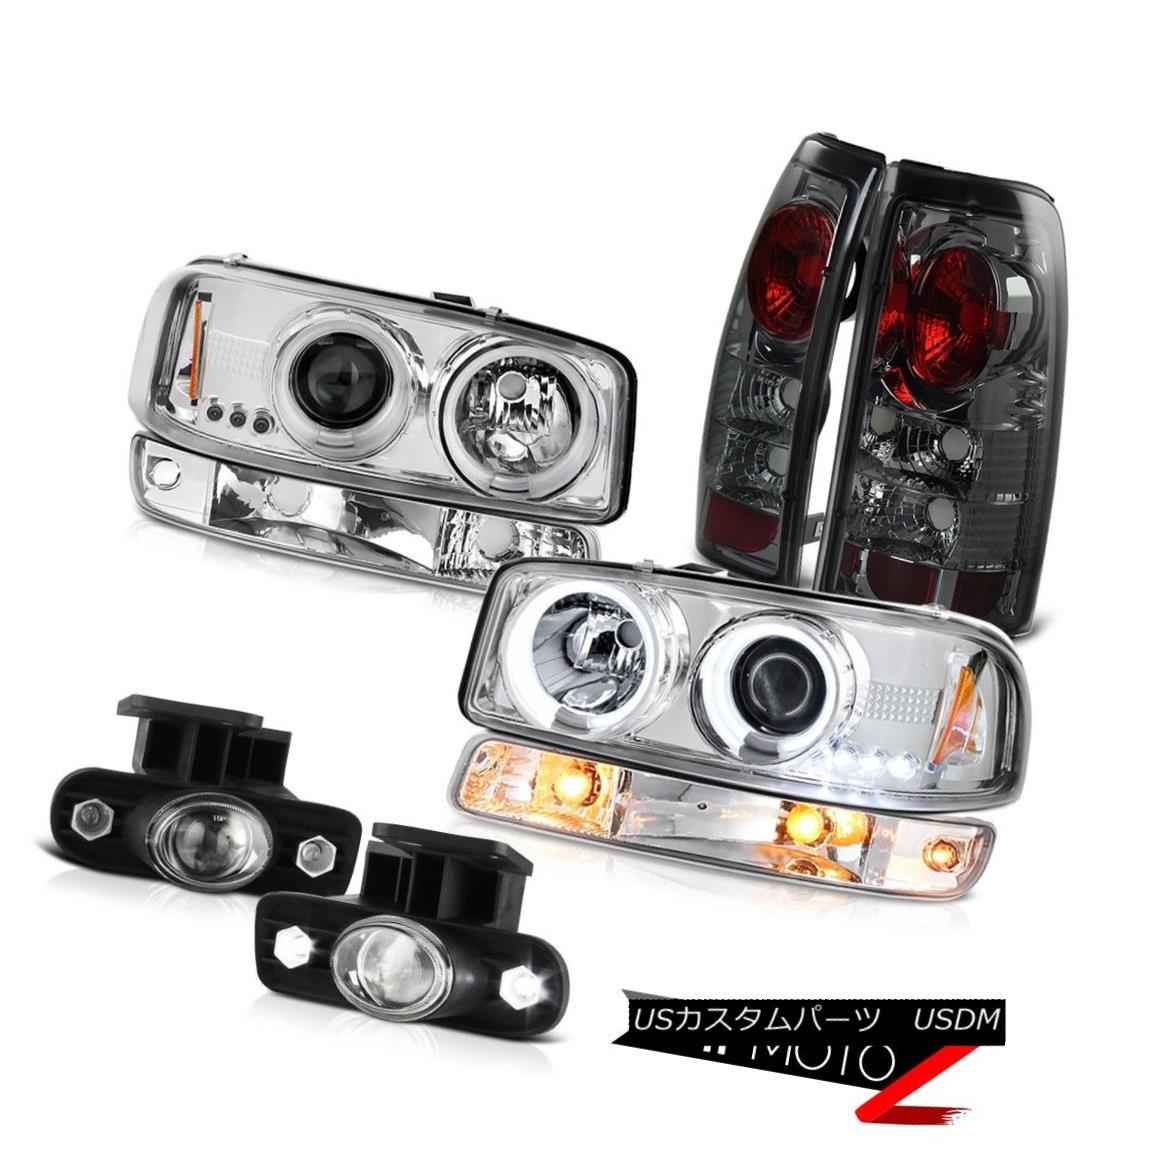 テールライト 99-02 Sierra SL Foglights dark smoke tail lights bumper light ccfl headlights 99-02シエラSLフォグライトダークスモールテールライトバンパーライトccflヘッドライト